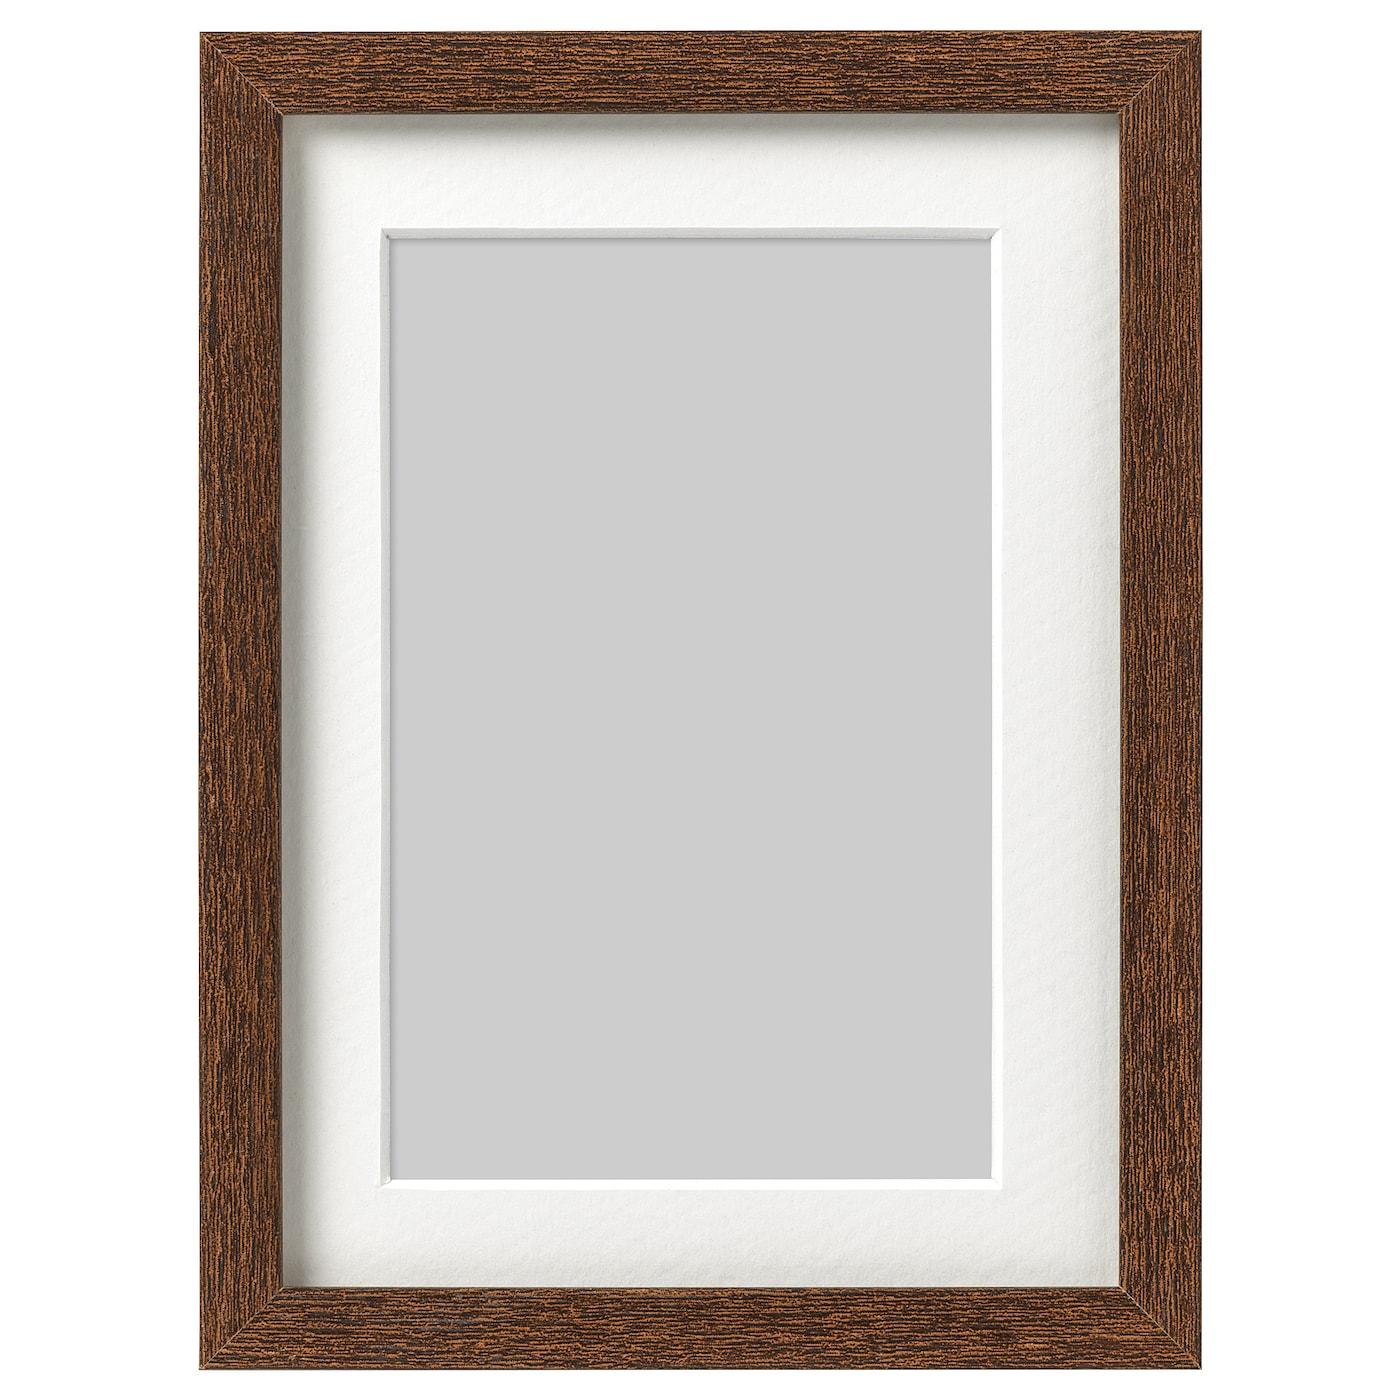 Marcos de fotos | Marcos y láminas | Compra Online IKEA